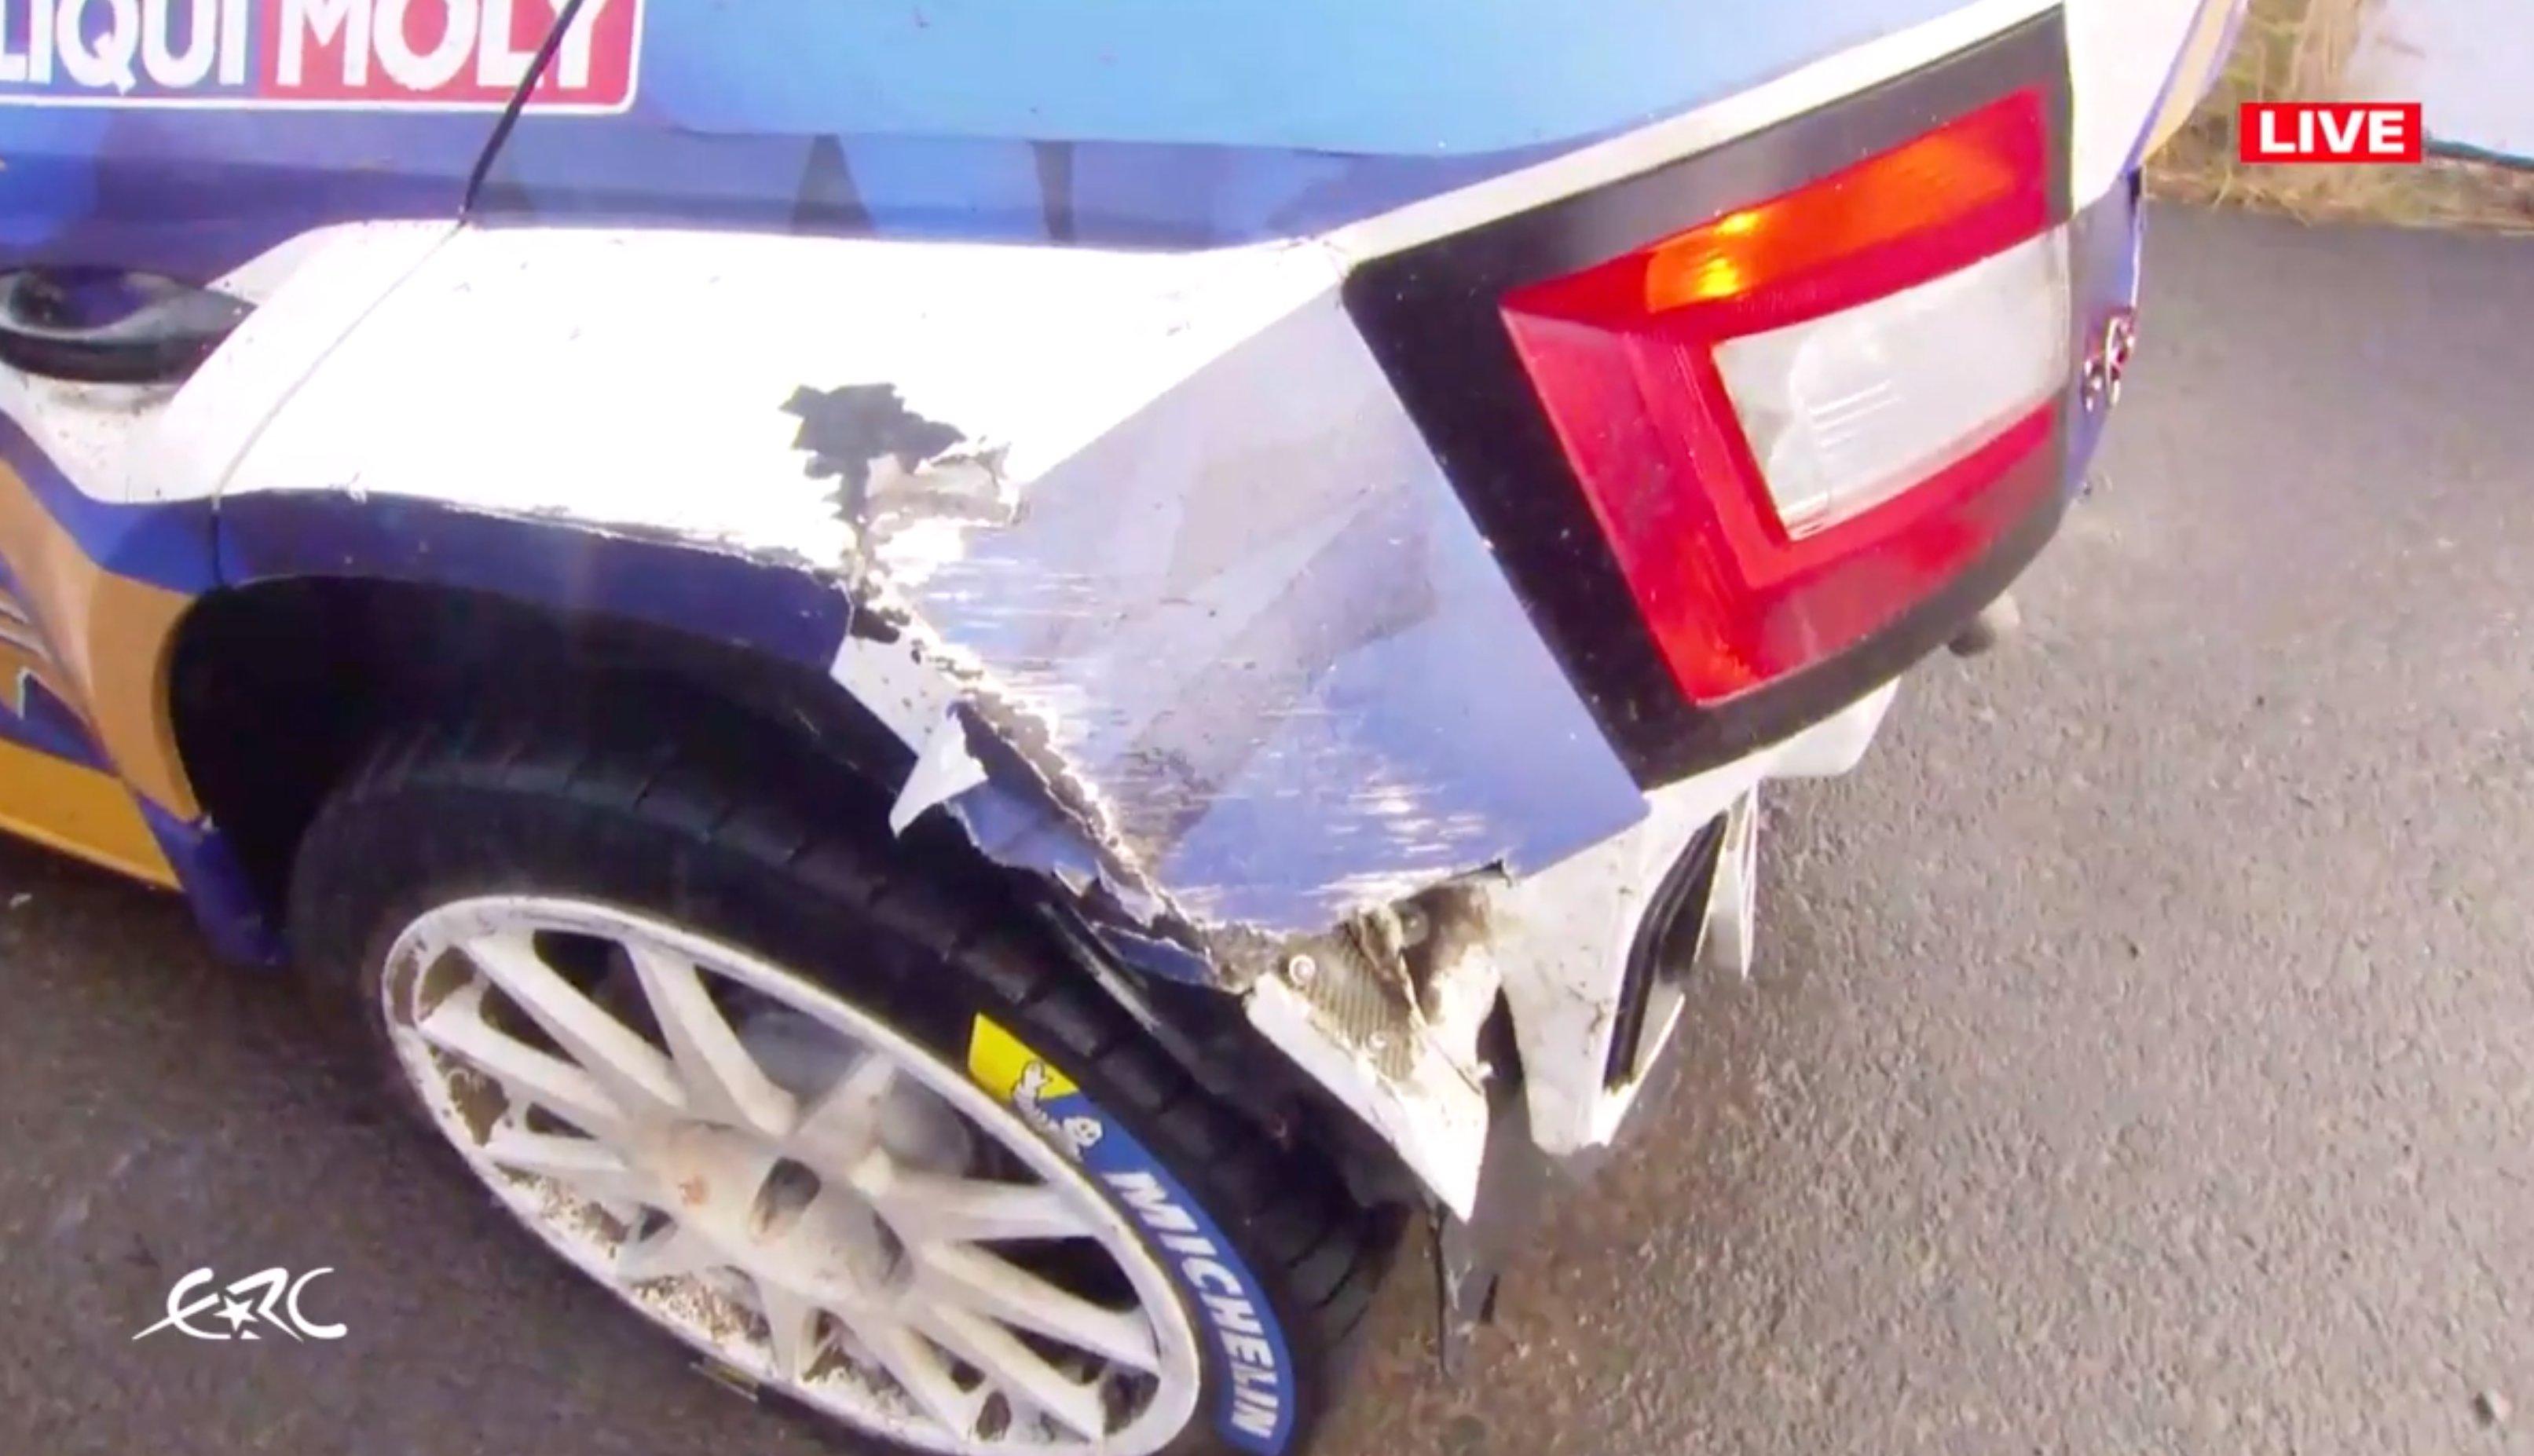 ERC + SCER + CERA: 44º Rallye Islas Canarias [26-28 Noviembre] - Página 7 En563s8XYAIQaZ5?format=jpg&name=4096x4096